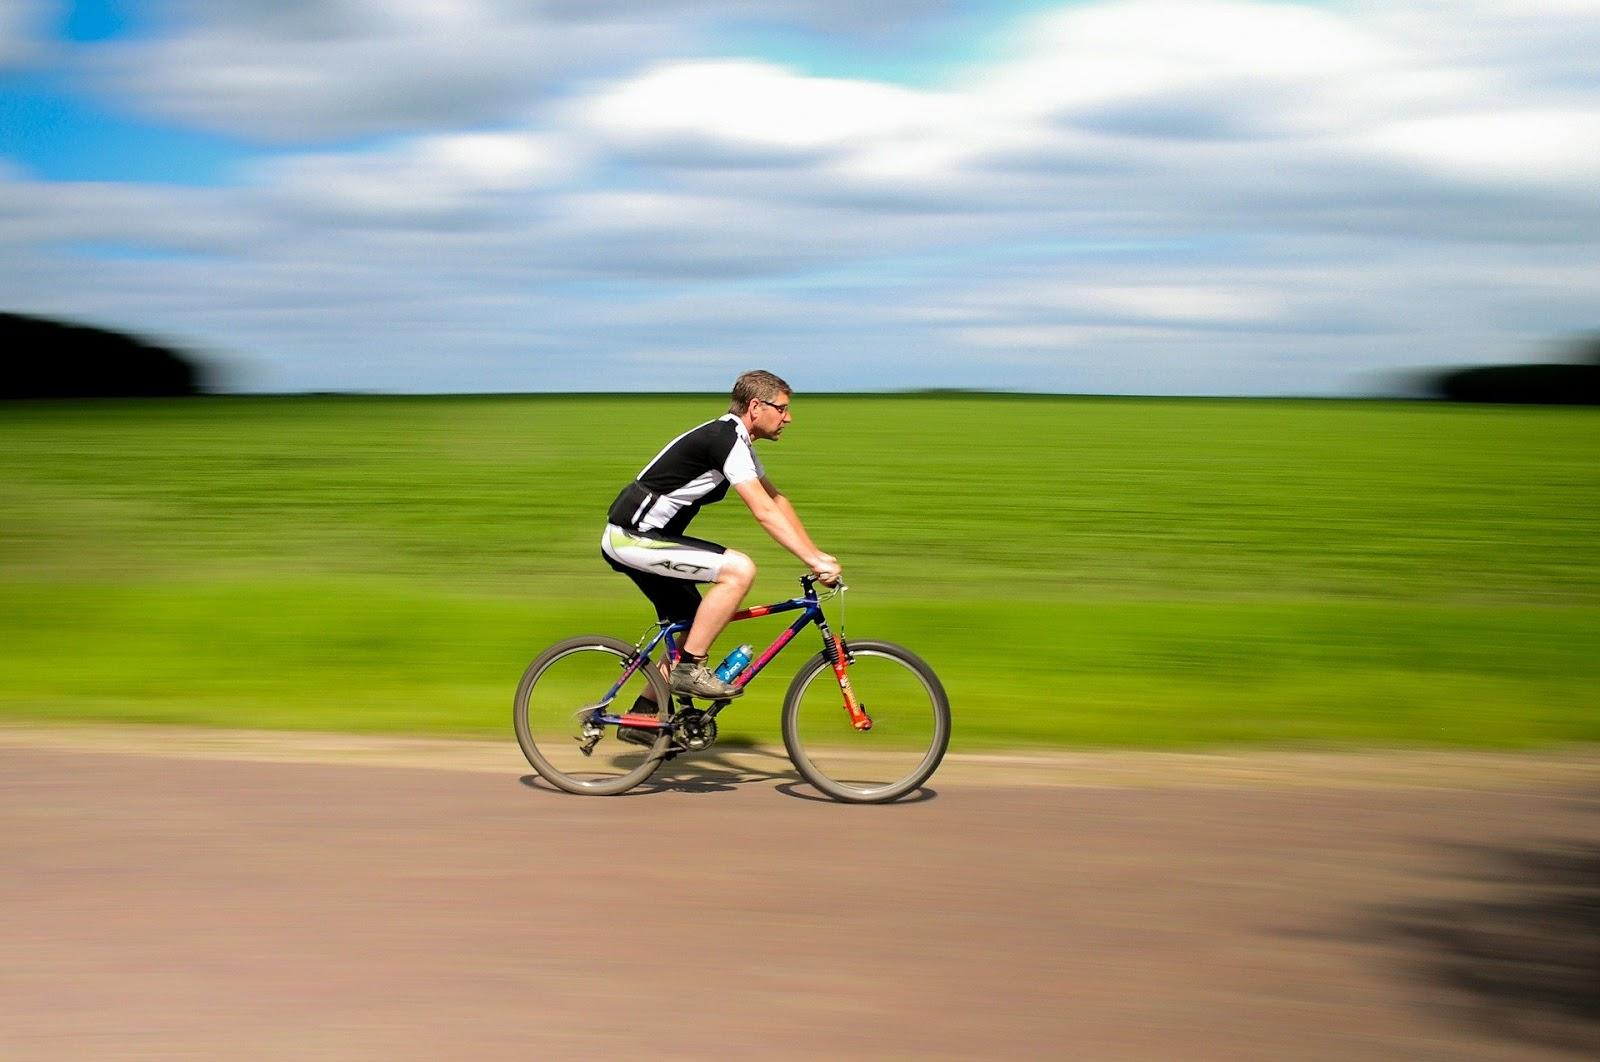 ΚΟΚ: Υποχρεωτική χρήση κράνους σε ποδηλάτες έως 12 ετών - Έρχονται αλλαγές